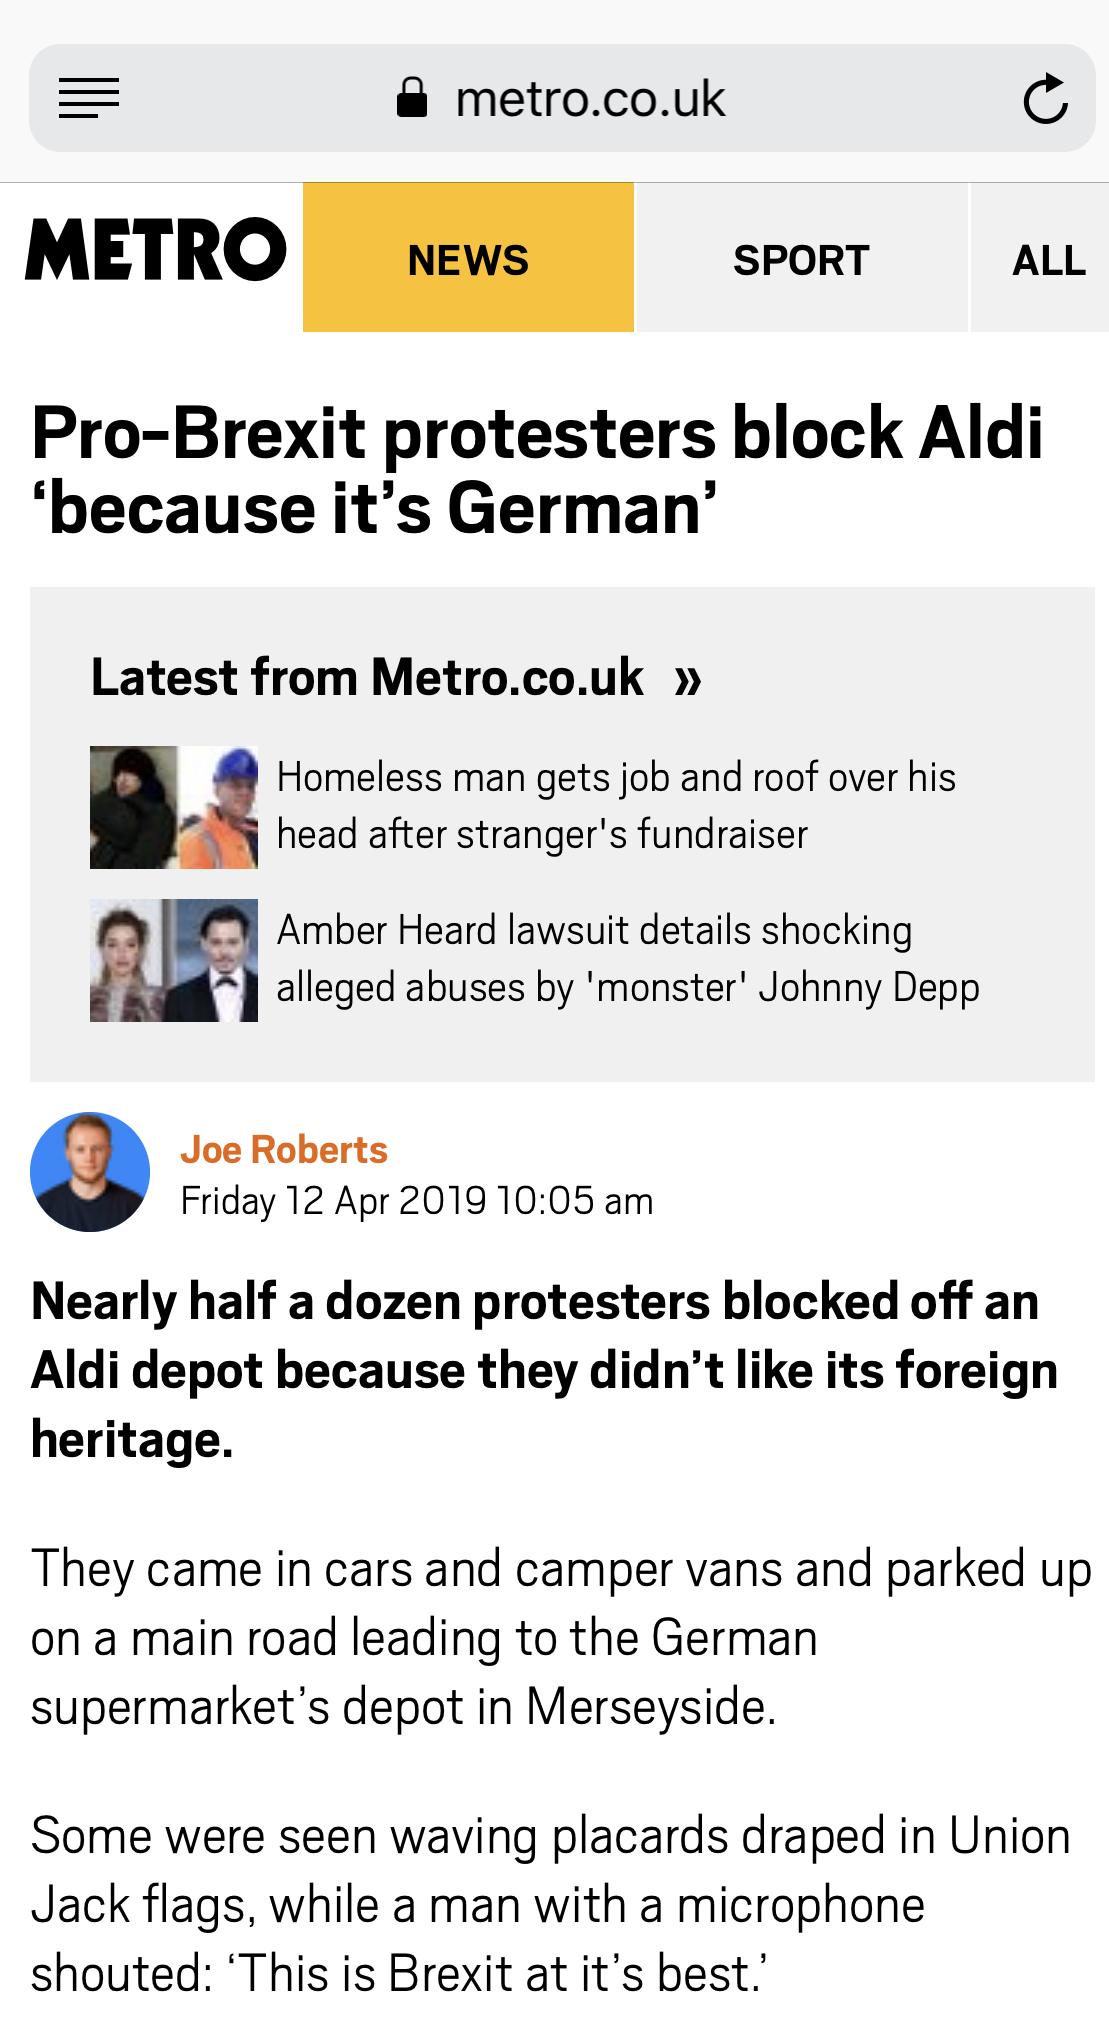 Screenshot of the same Metro.co.uk article loaded in Mobile Safari